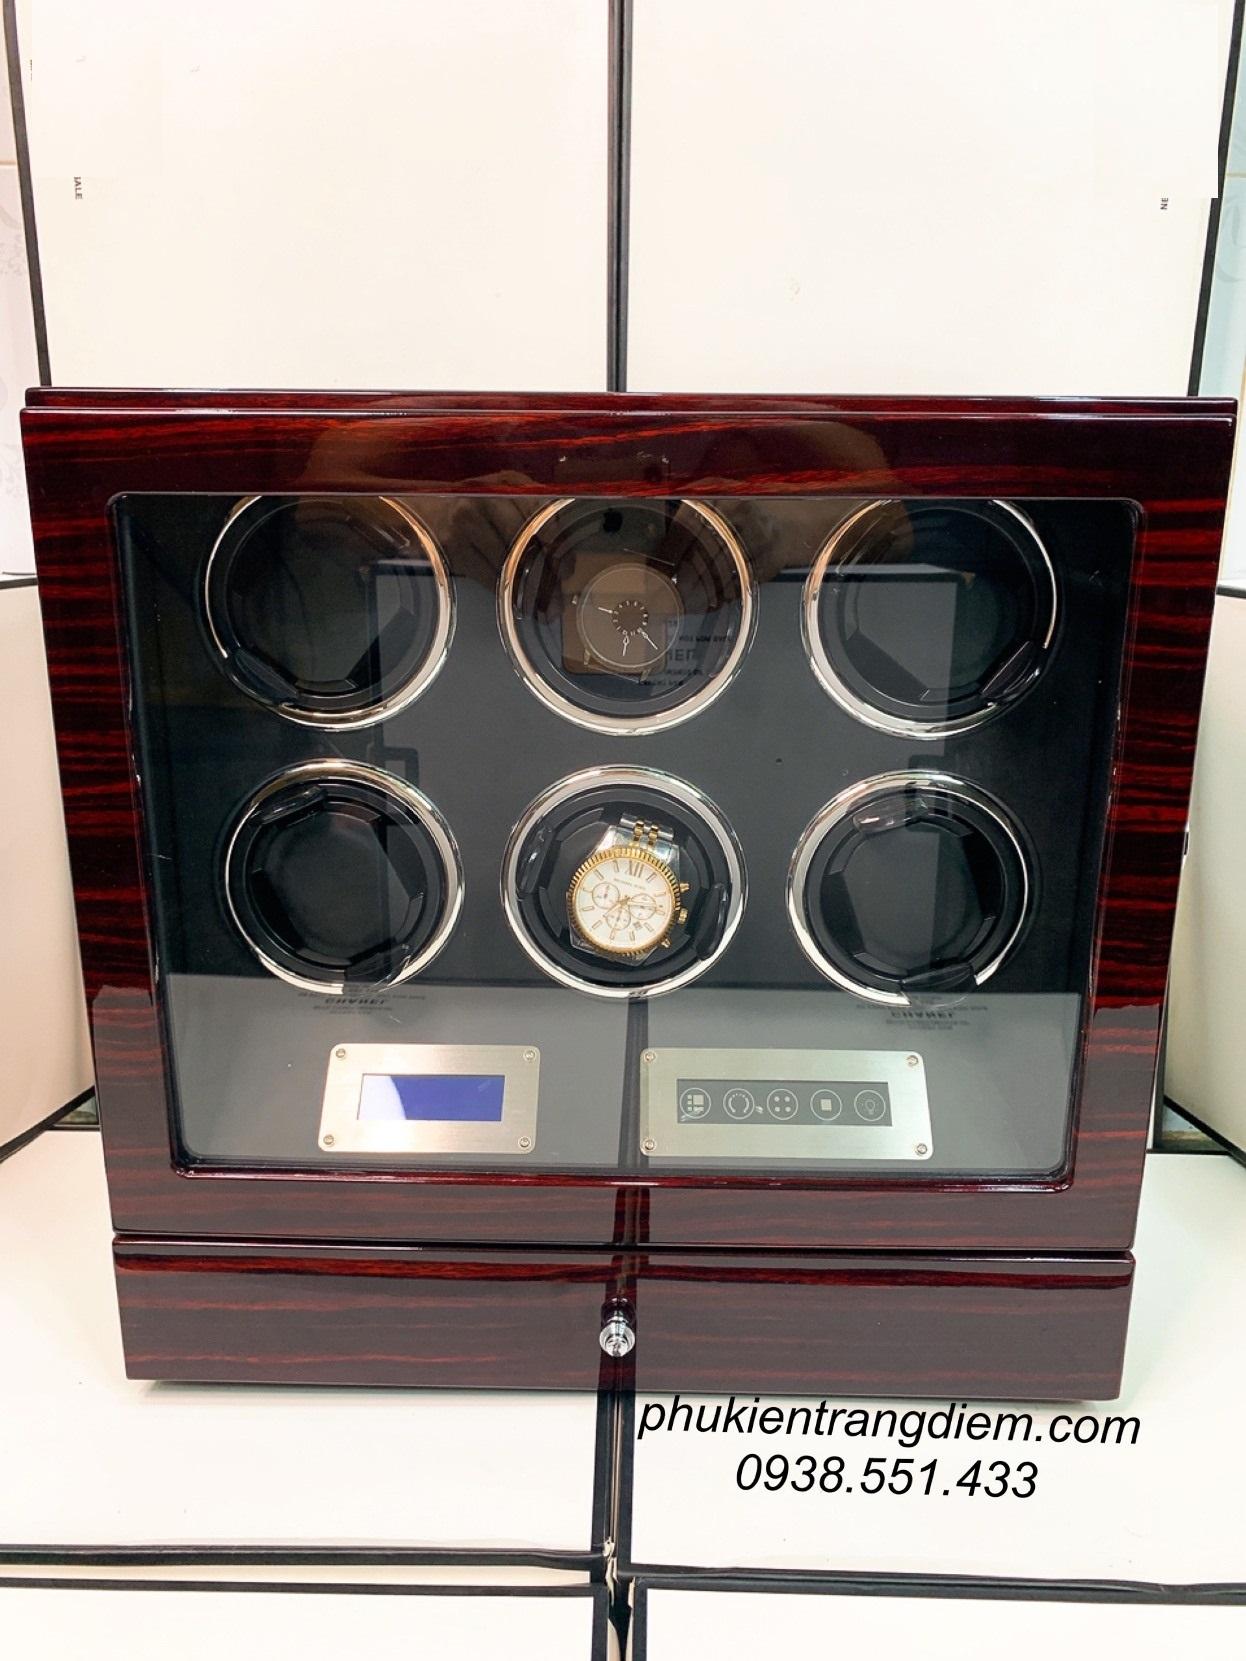 tủ hộp đựng đồng hồ cơ 6 ngăn xoay kèm remote cao cấp